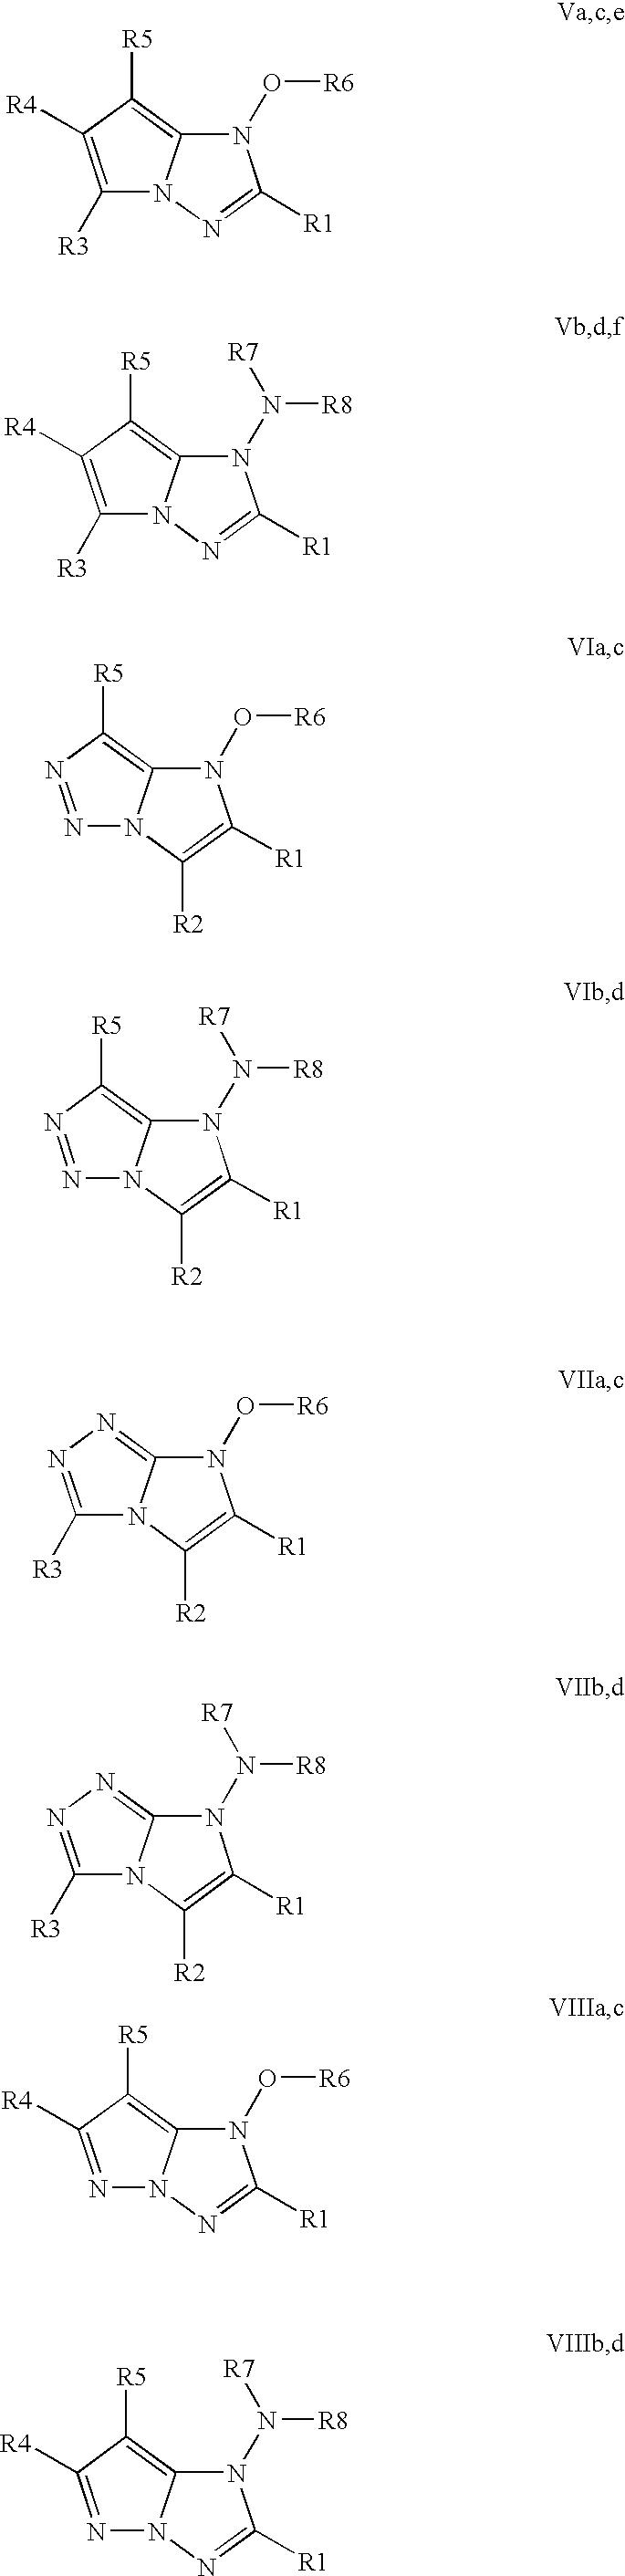 Figure US20060156483A1-20060720-C00017